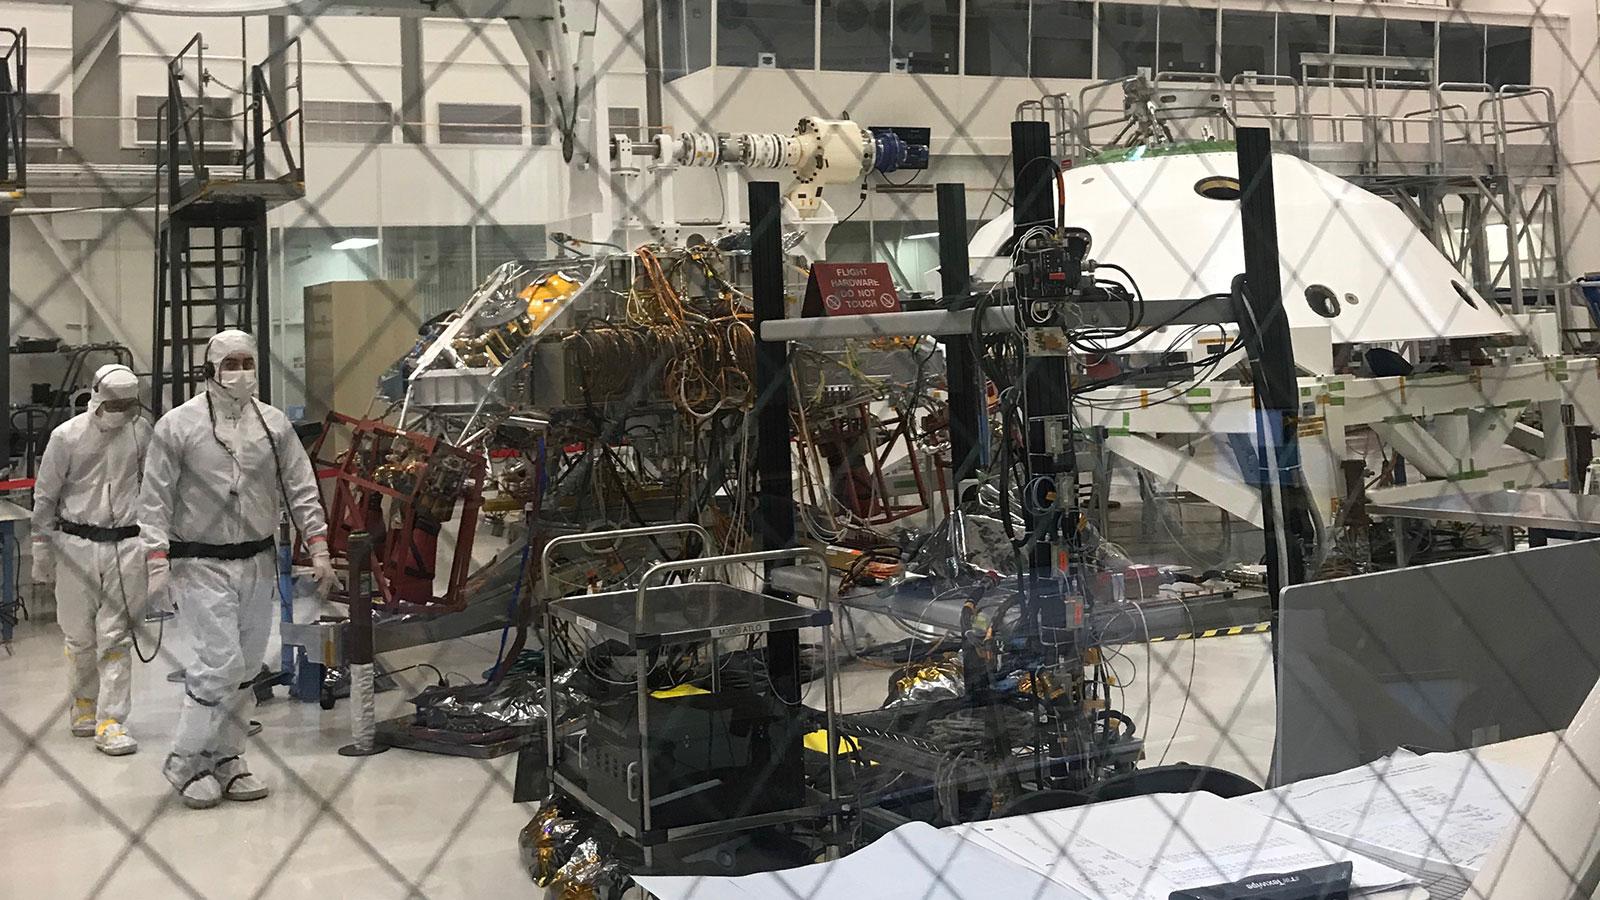 Tècnics treballant al ST1 a les Instal·lacions de Muntatge de Naus Especials de la NASA a Pasadena (Califòrnia)